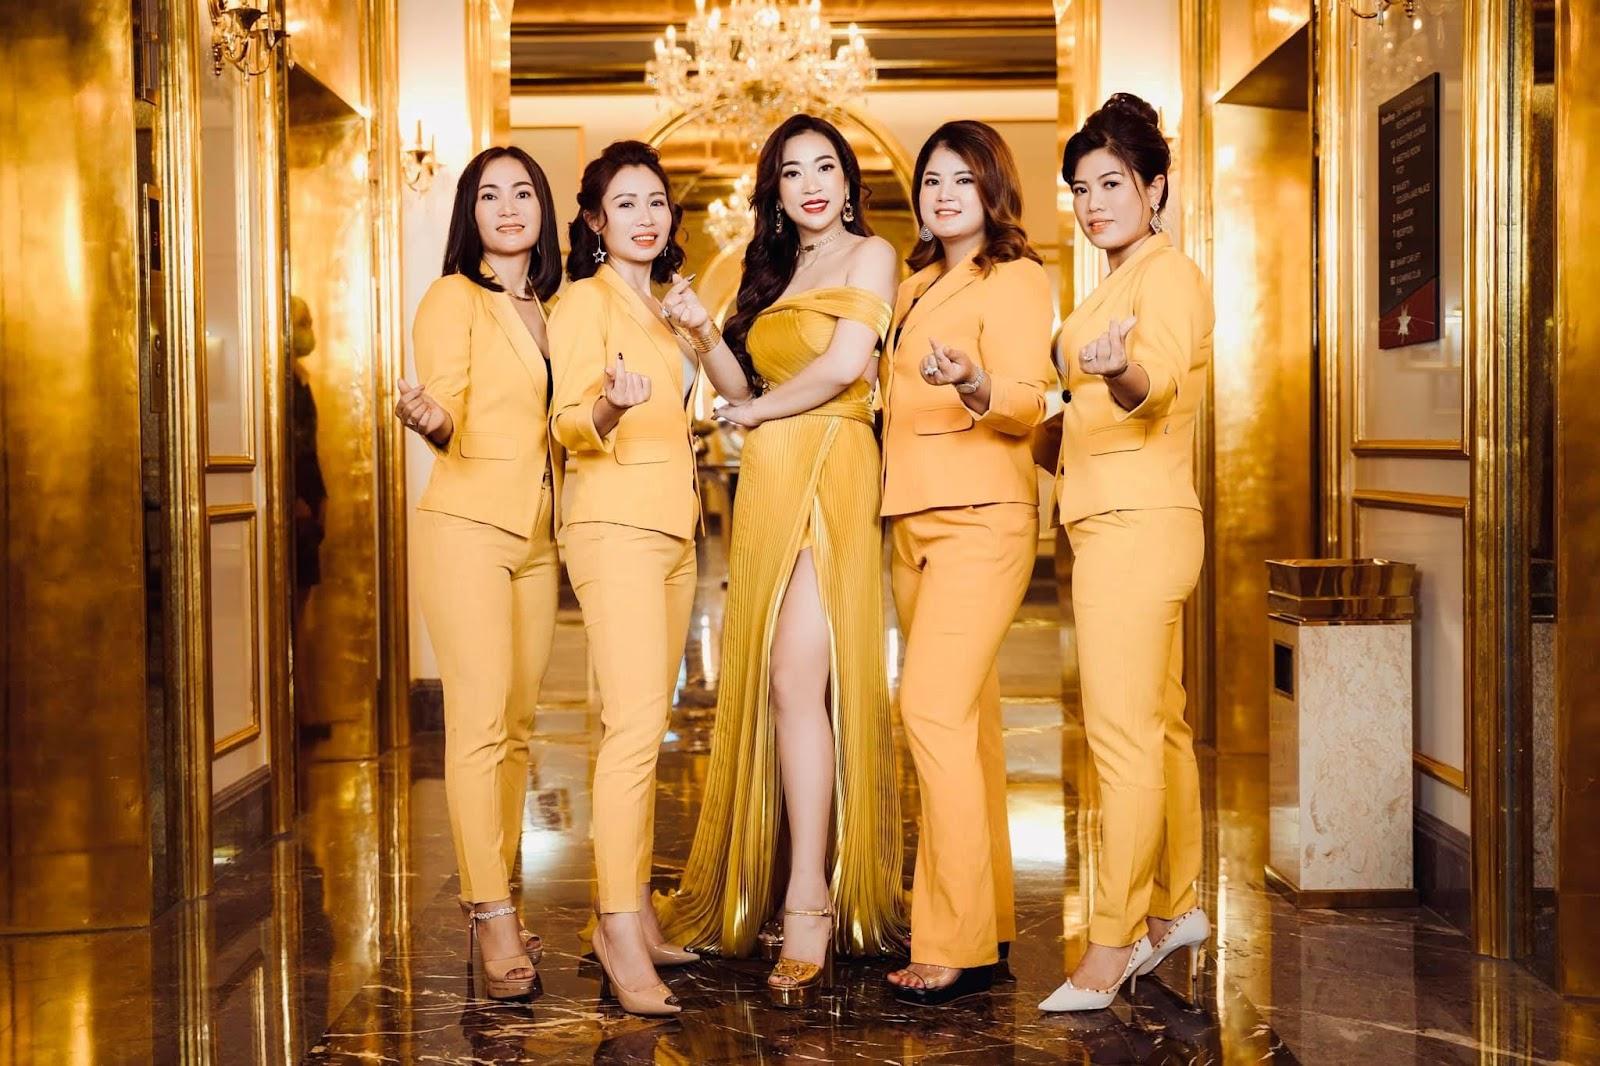 Á hậu Huyền My và dàn thủ lĩnh của Linh Nham Group - Ảnh 3